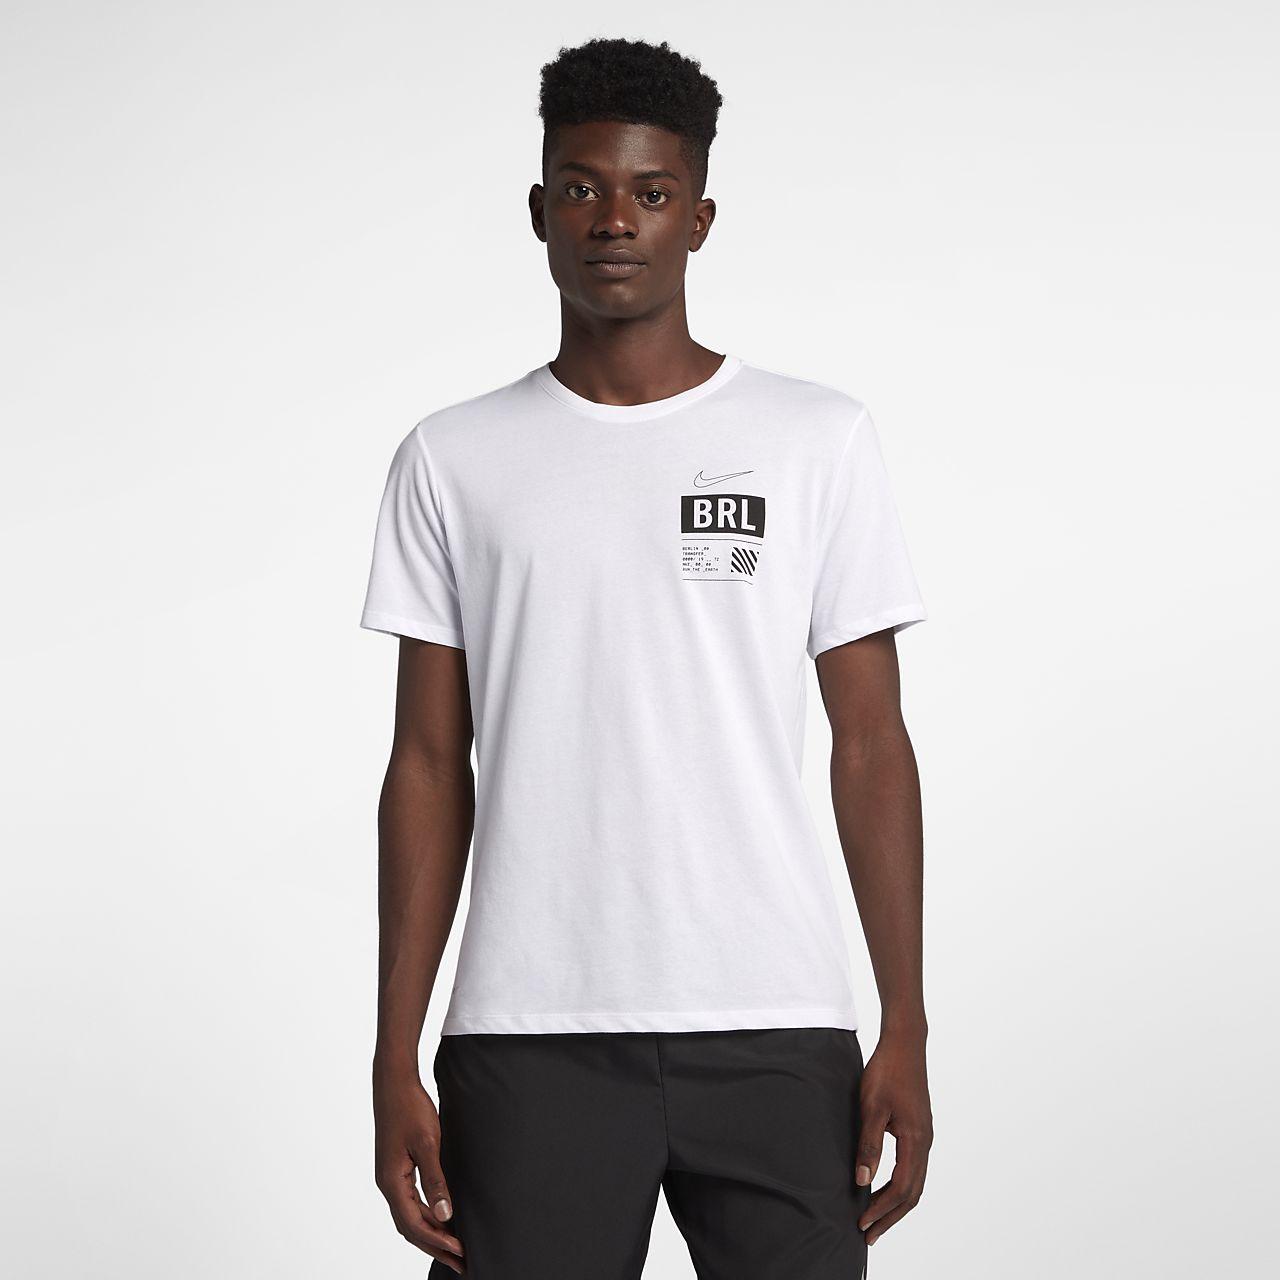 9f4d47d792f6 Nike Dri-FIT (Berlin 2018) Men s Running T-Shirt. Nike.com ZA